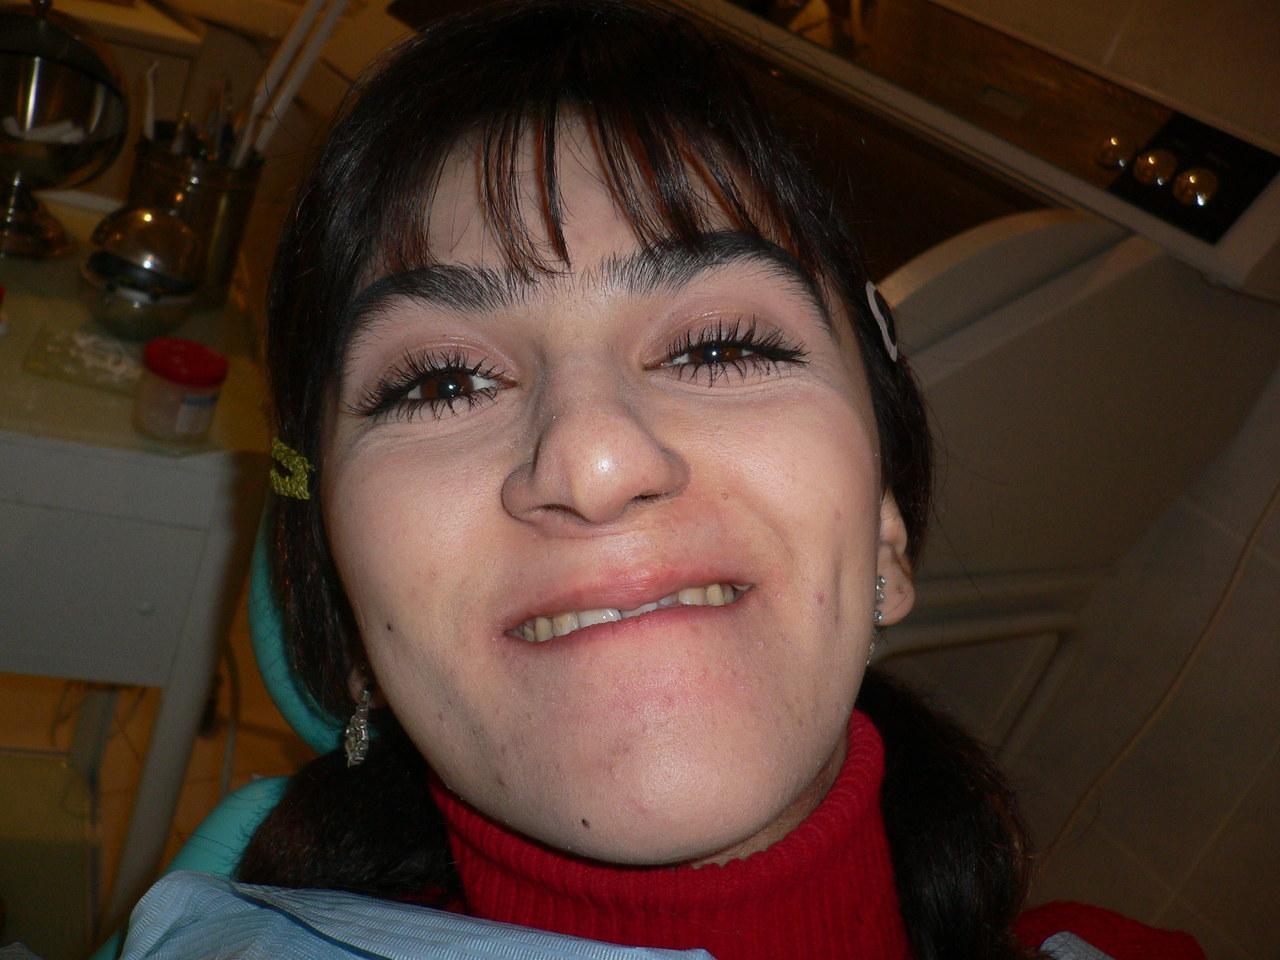 Рис. 5. Внешний вид пациентки с микрогнатией верхней челюсти до ортопедического лечения.